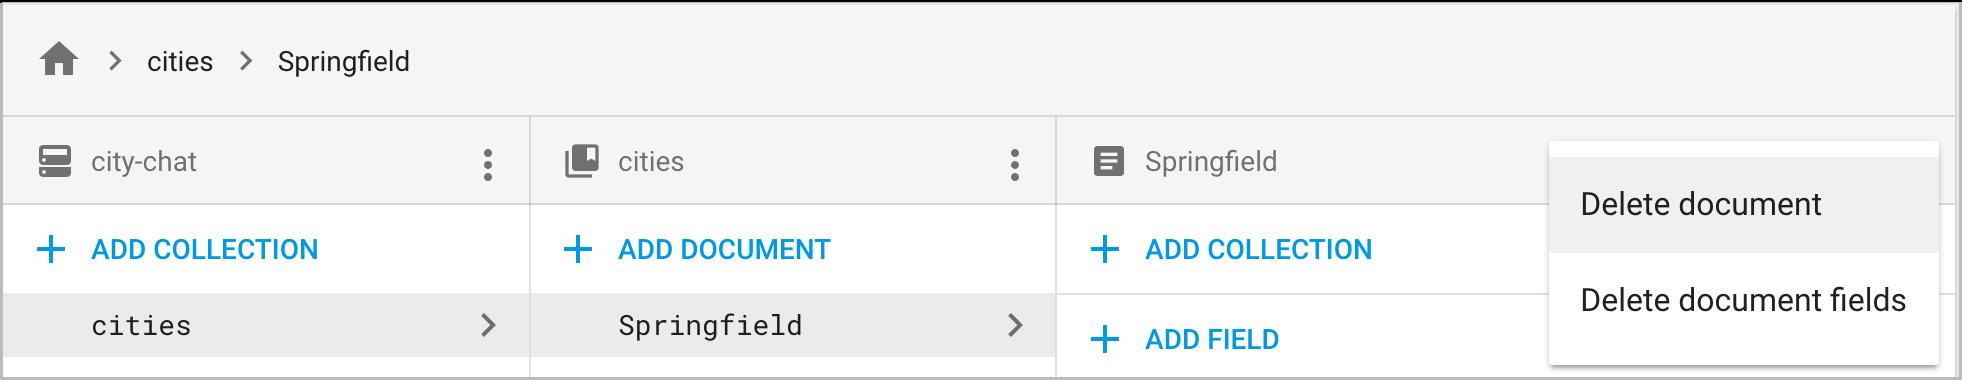 ドキュメントの詳細列のコンテキスト メニューから [ドキュメントを削除] または [ドキュメント フィールドを削除] をクリックします